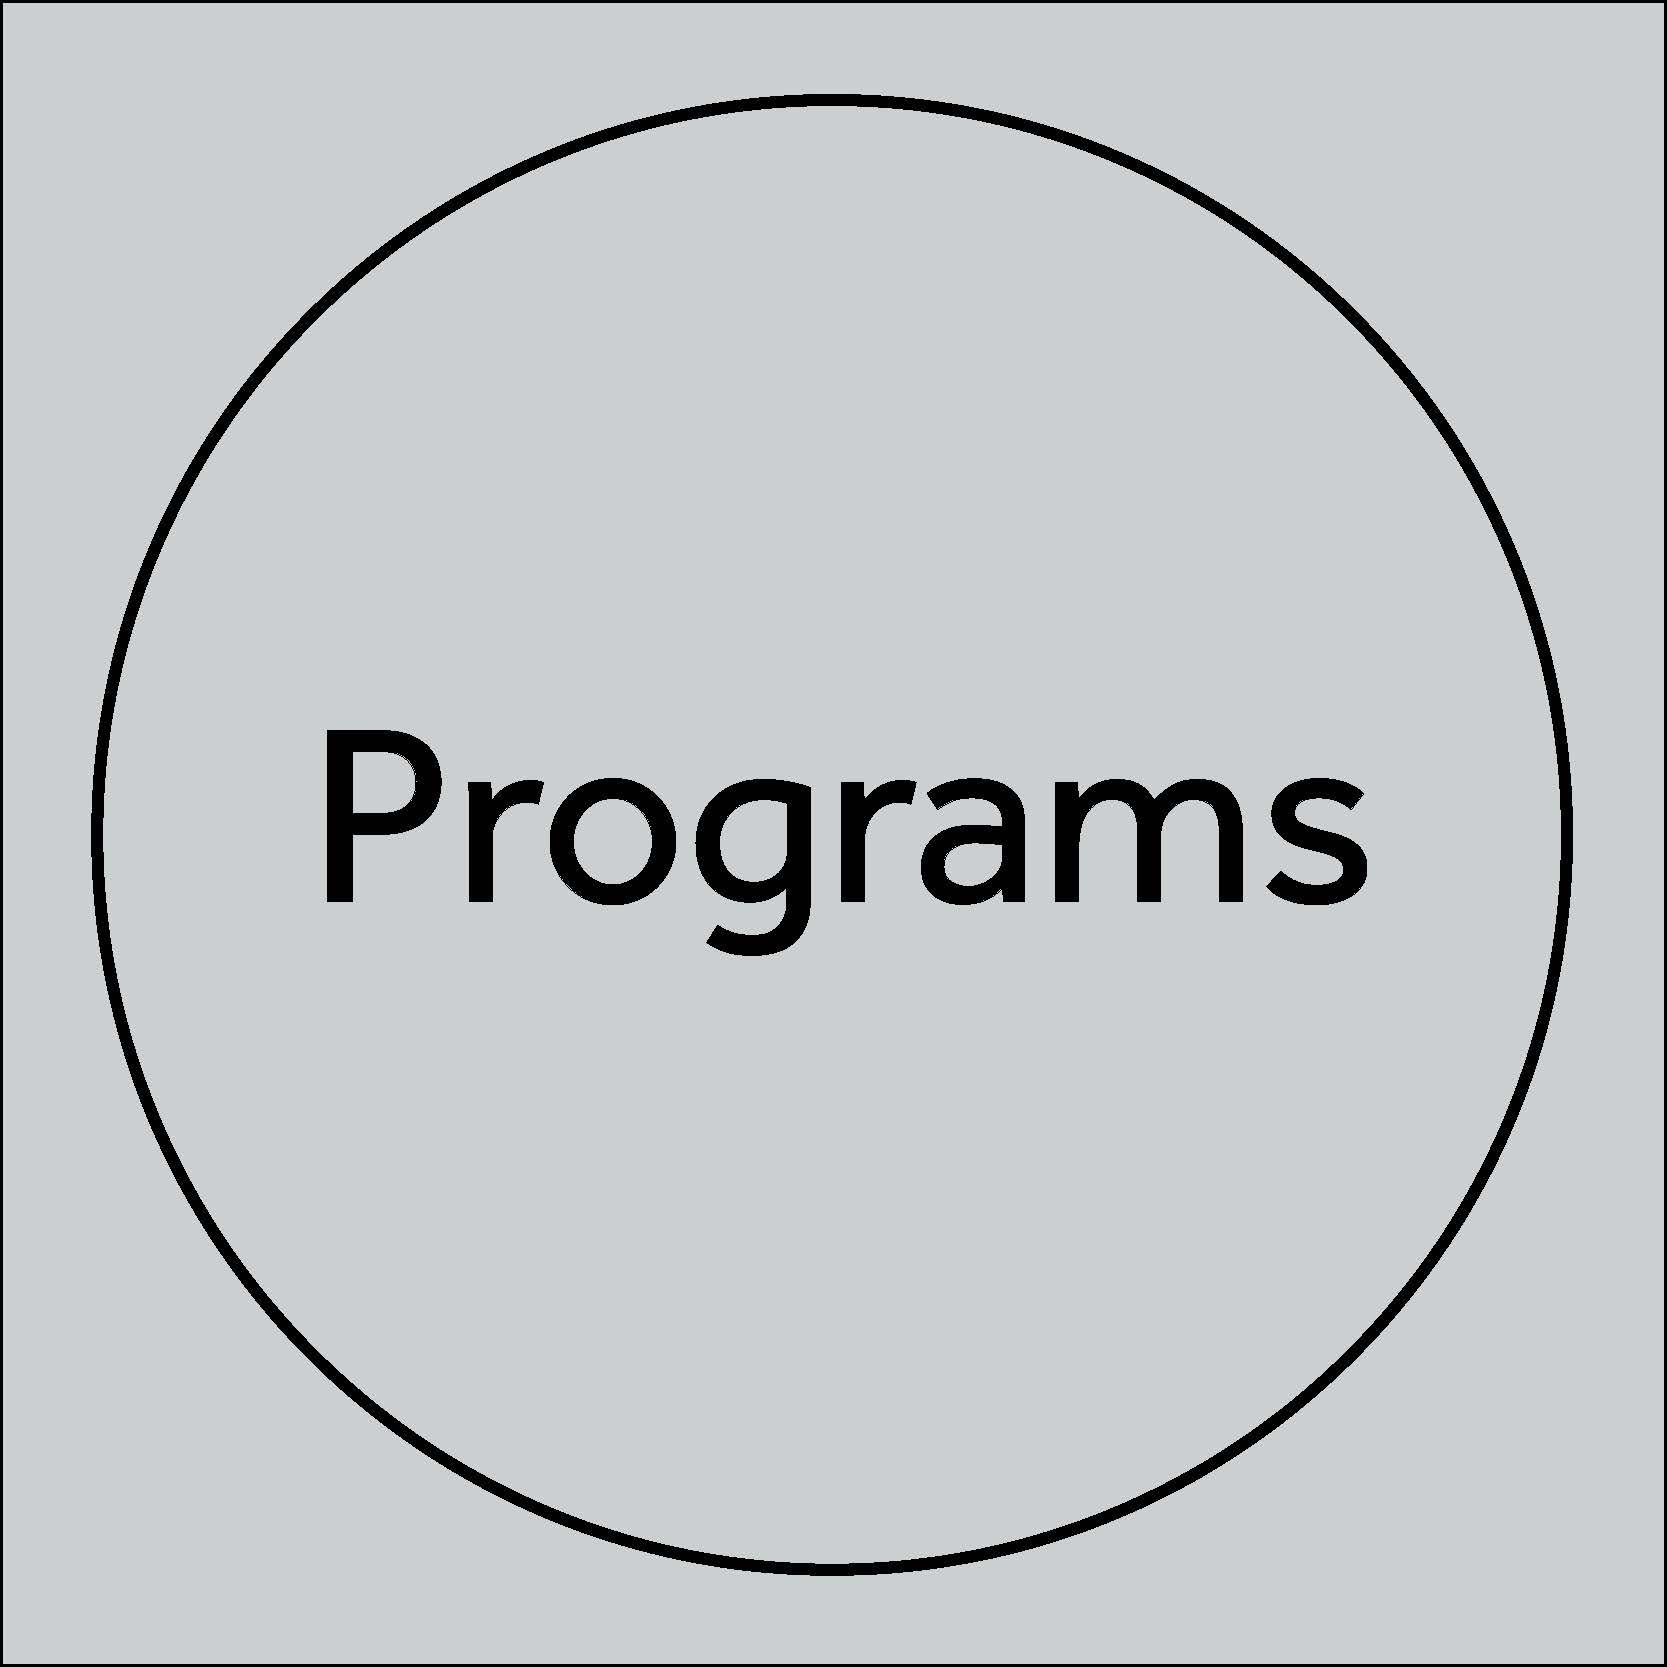 programs_button.jpg